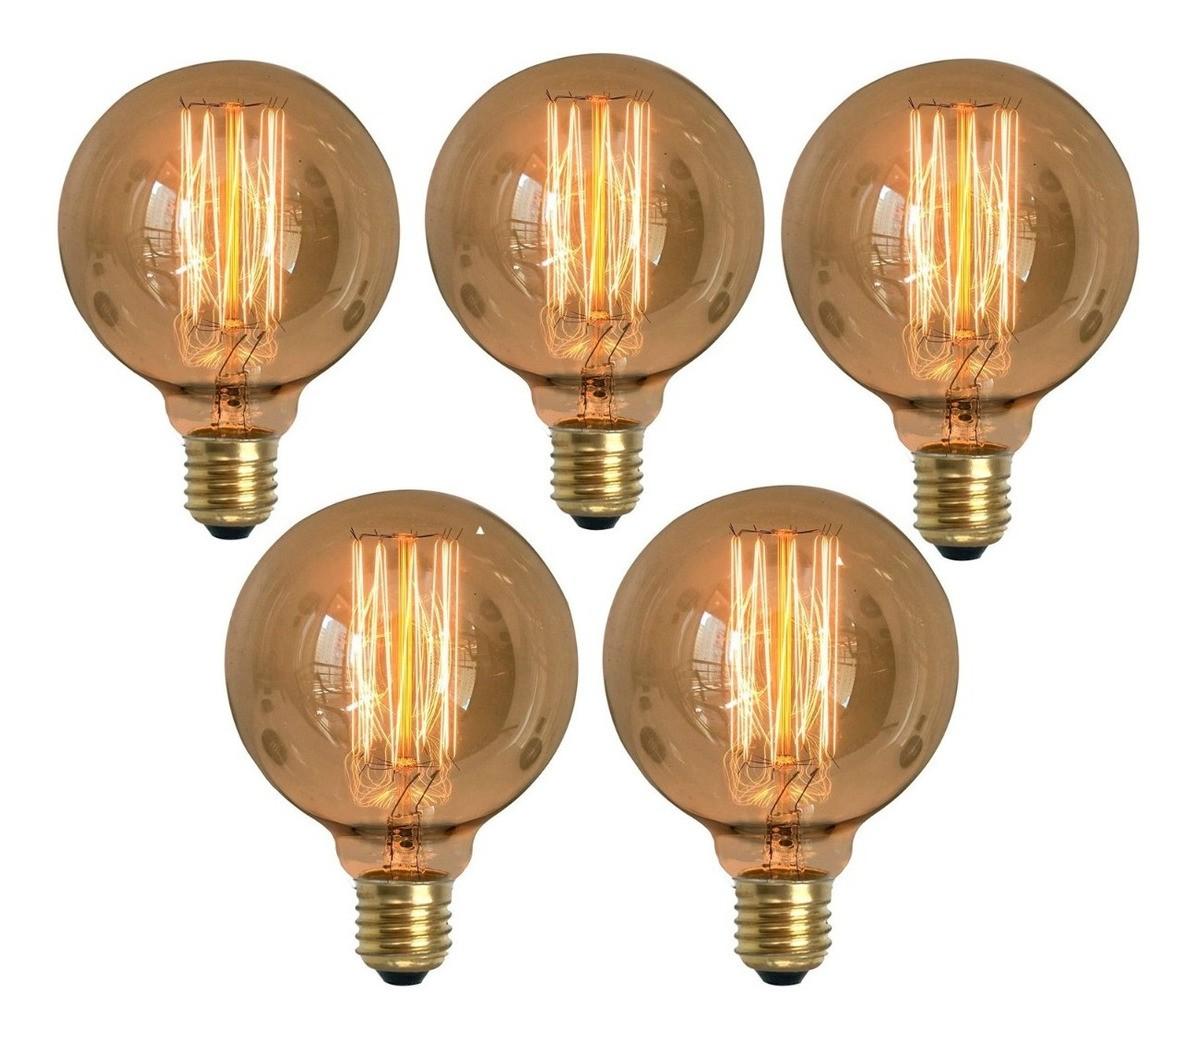 5 Lâmpadas Retrô Decorativa Vintage Thomas Edison G95